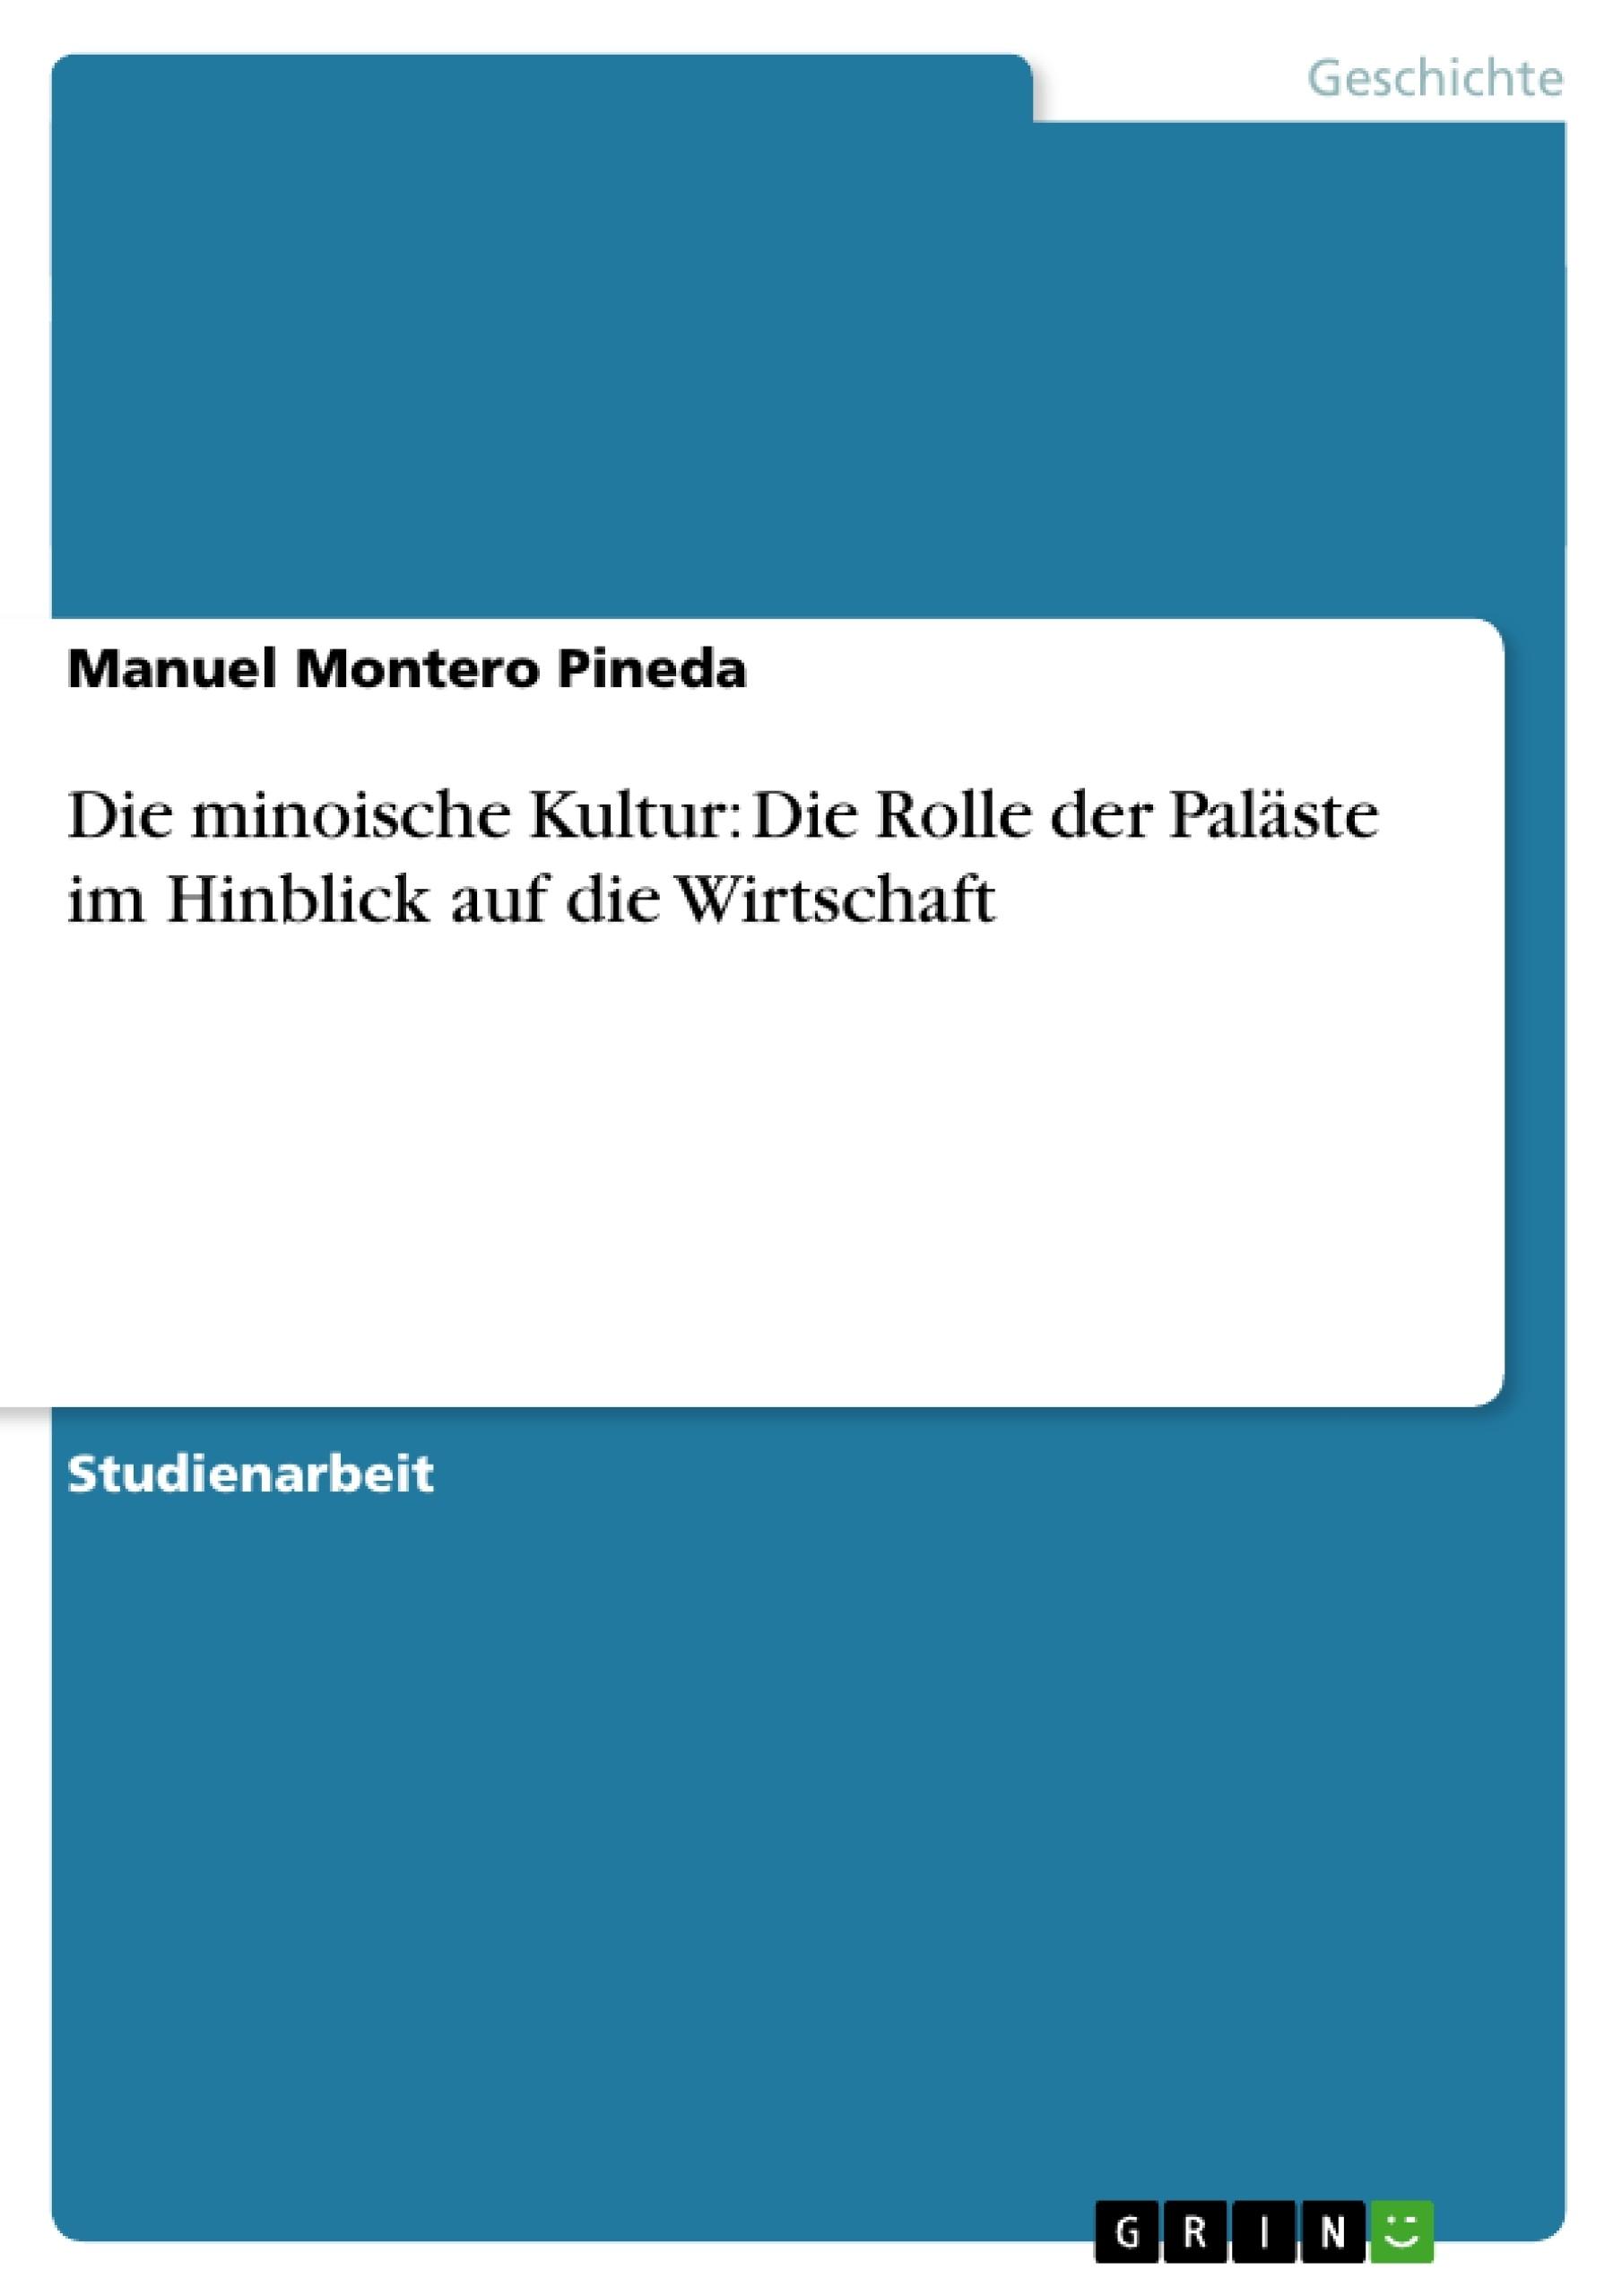 Titel: Die minoische Kultur: Die Rolle der Paläste im Hinblick auf die Wirtschaft